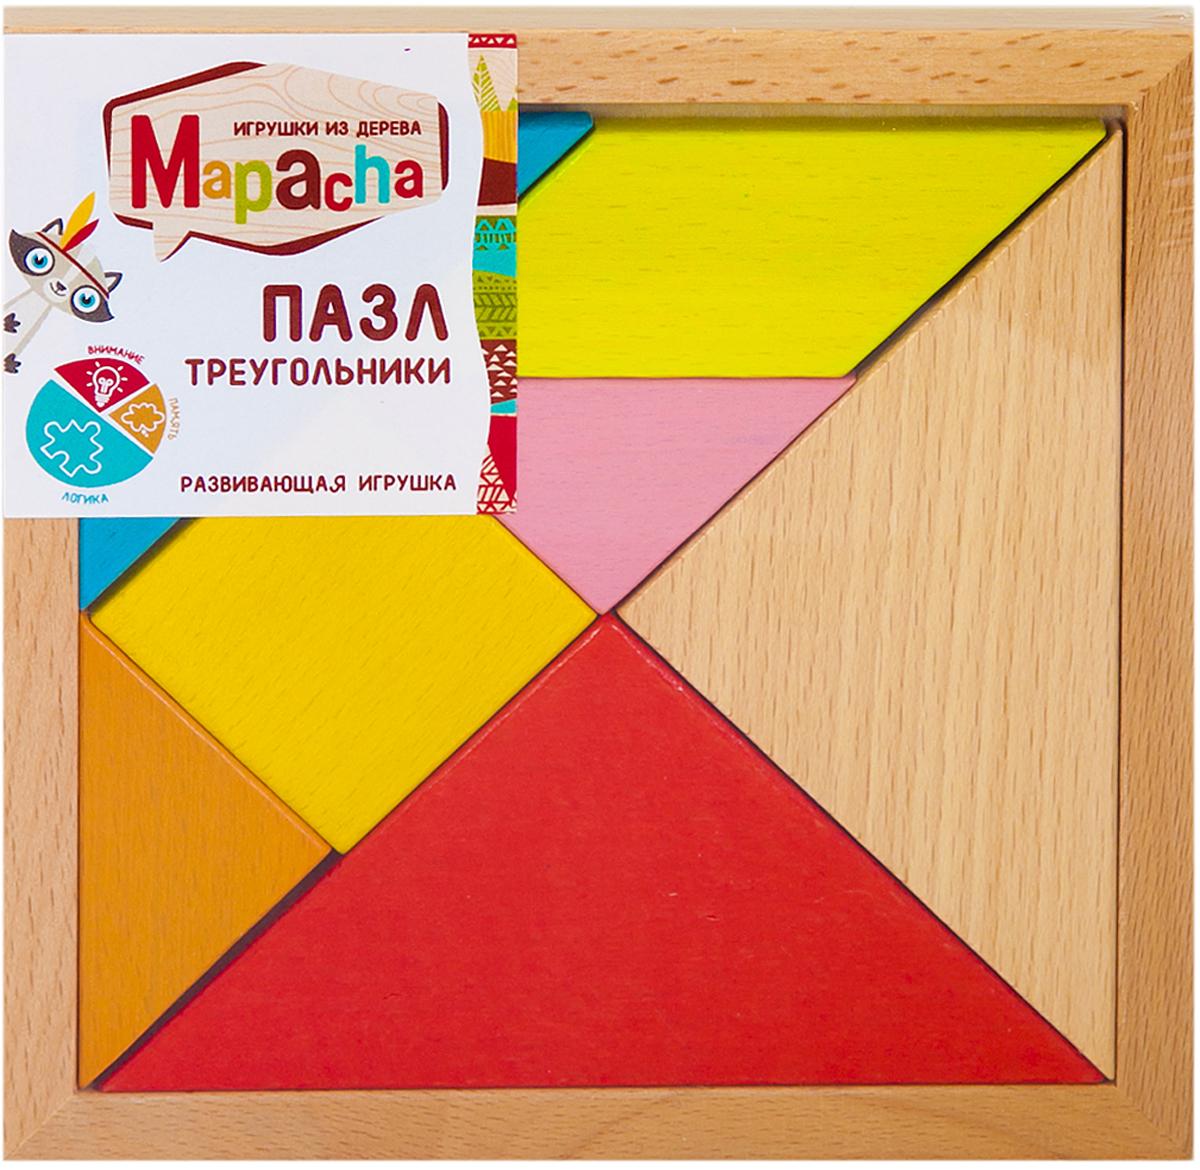 Mapacha Пазл для малышей Треугольники флексика пазл для малышей геометрия цвет основы красный